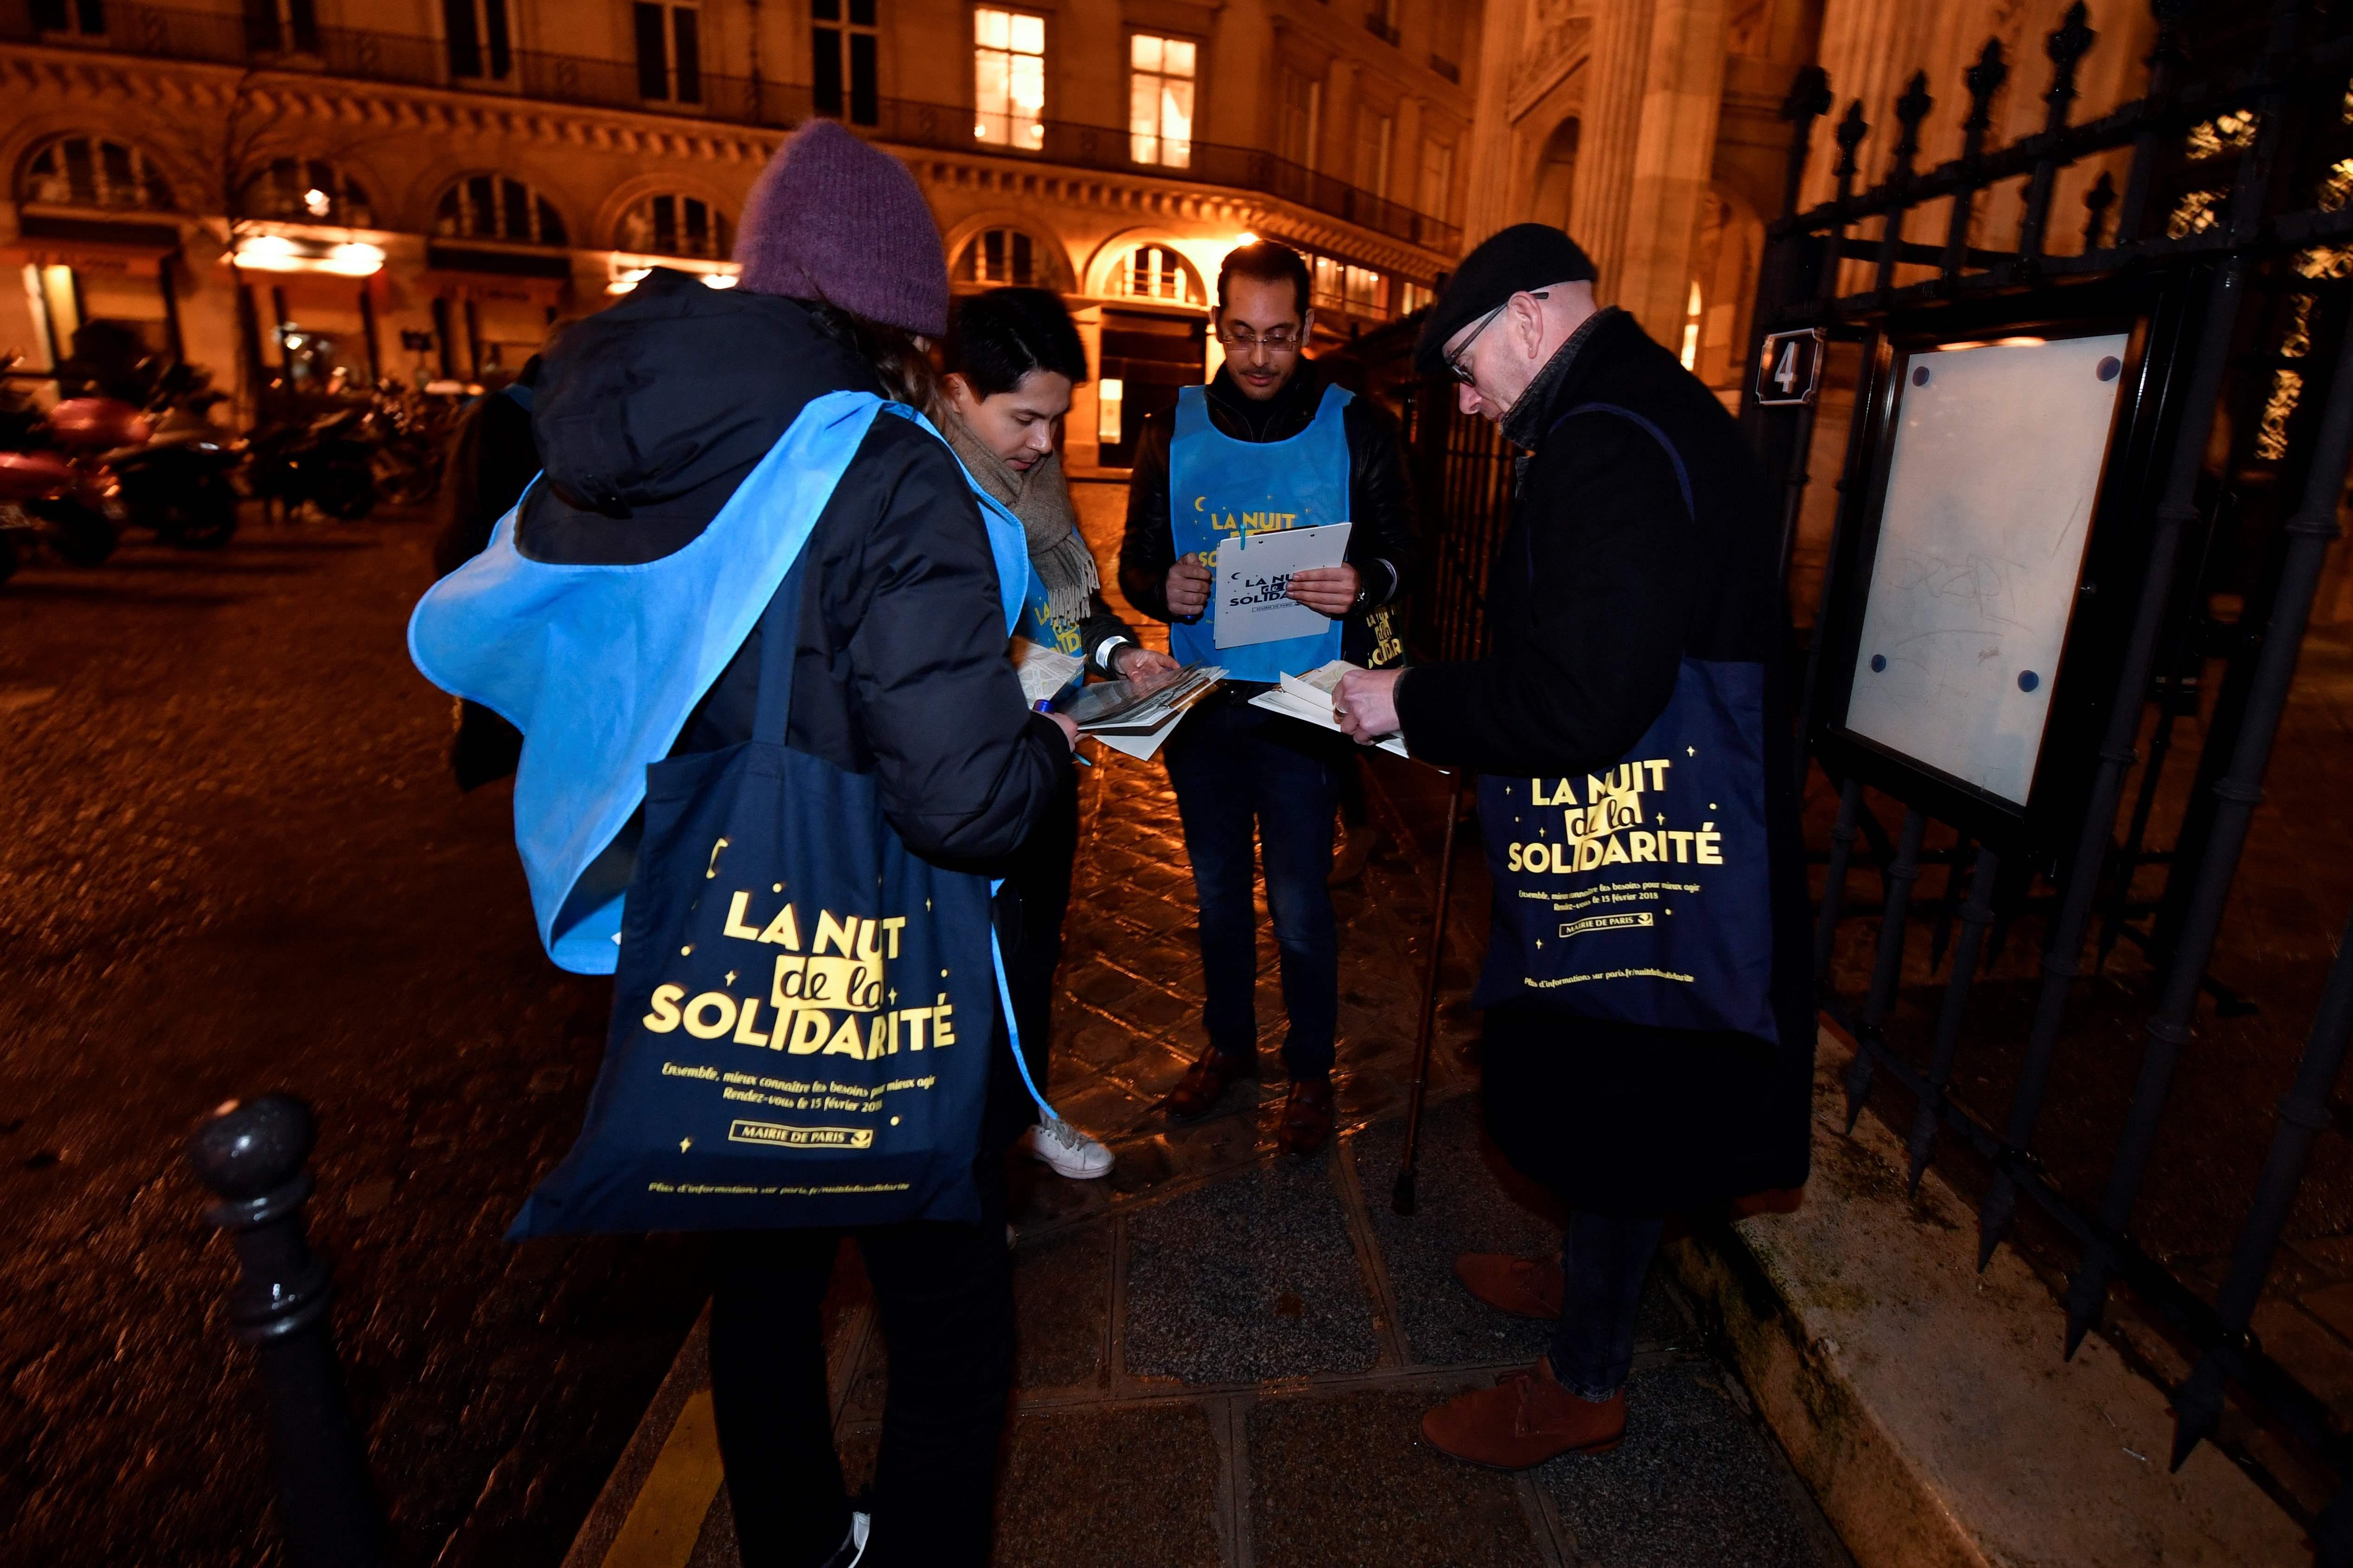 انطلاق مبادرة تطوعية فى باريس لإنقاذ المتشردين من الطقس السيئ